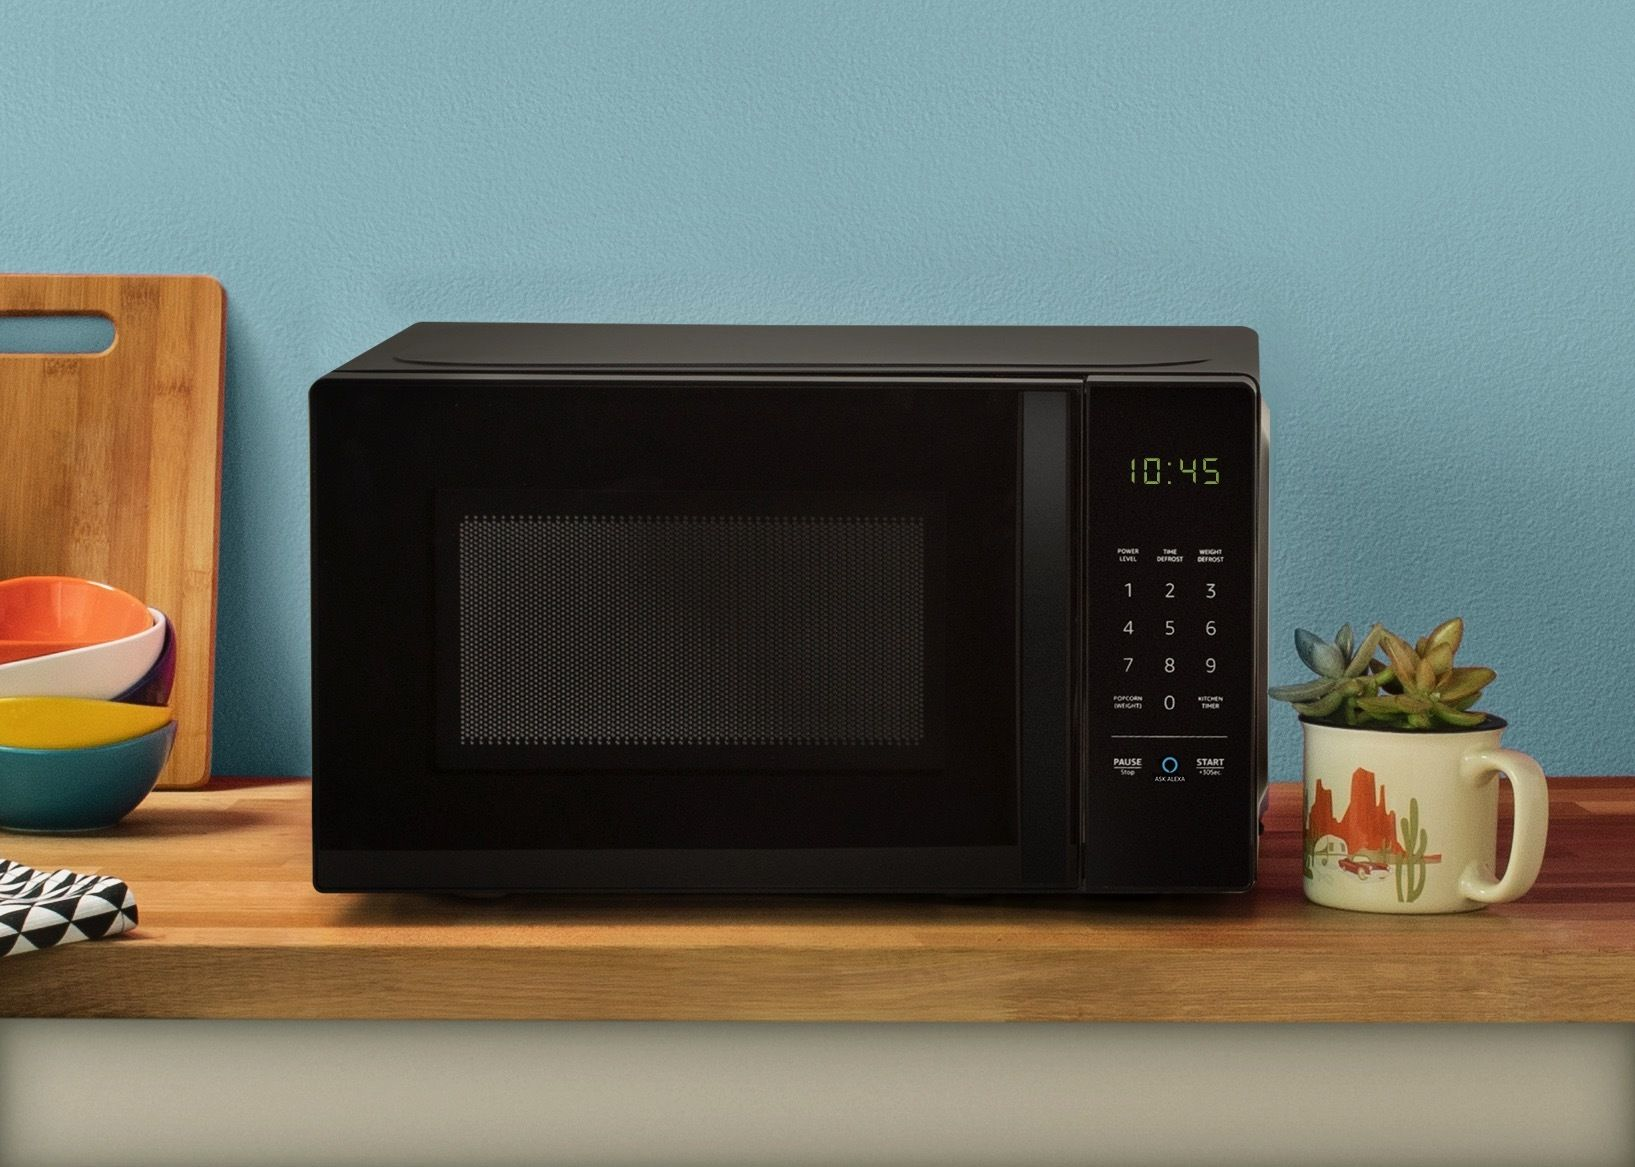 AmazonBasics Microwave, 0.7 Cu. Ft, 700W, Works with Alexa